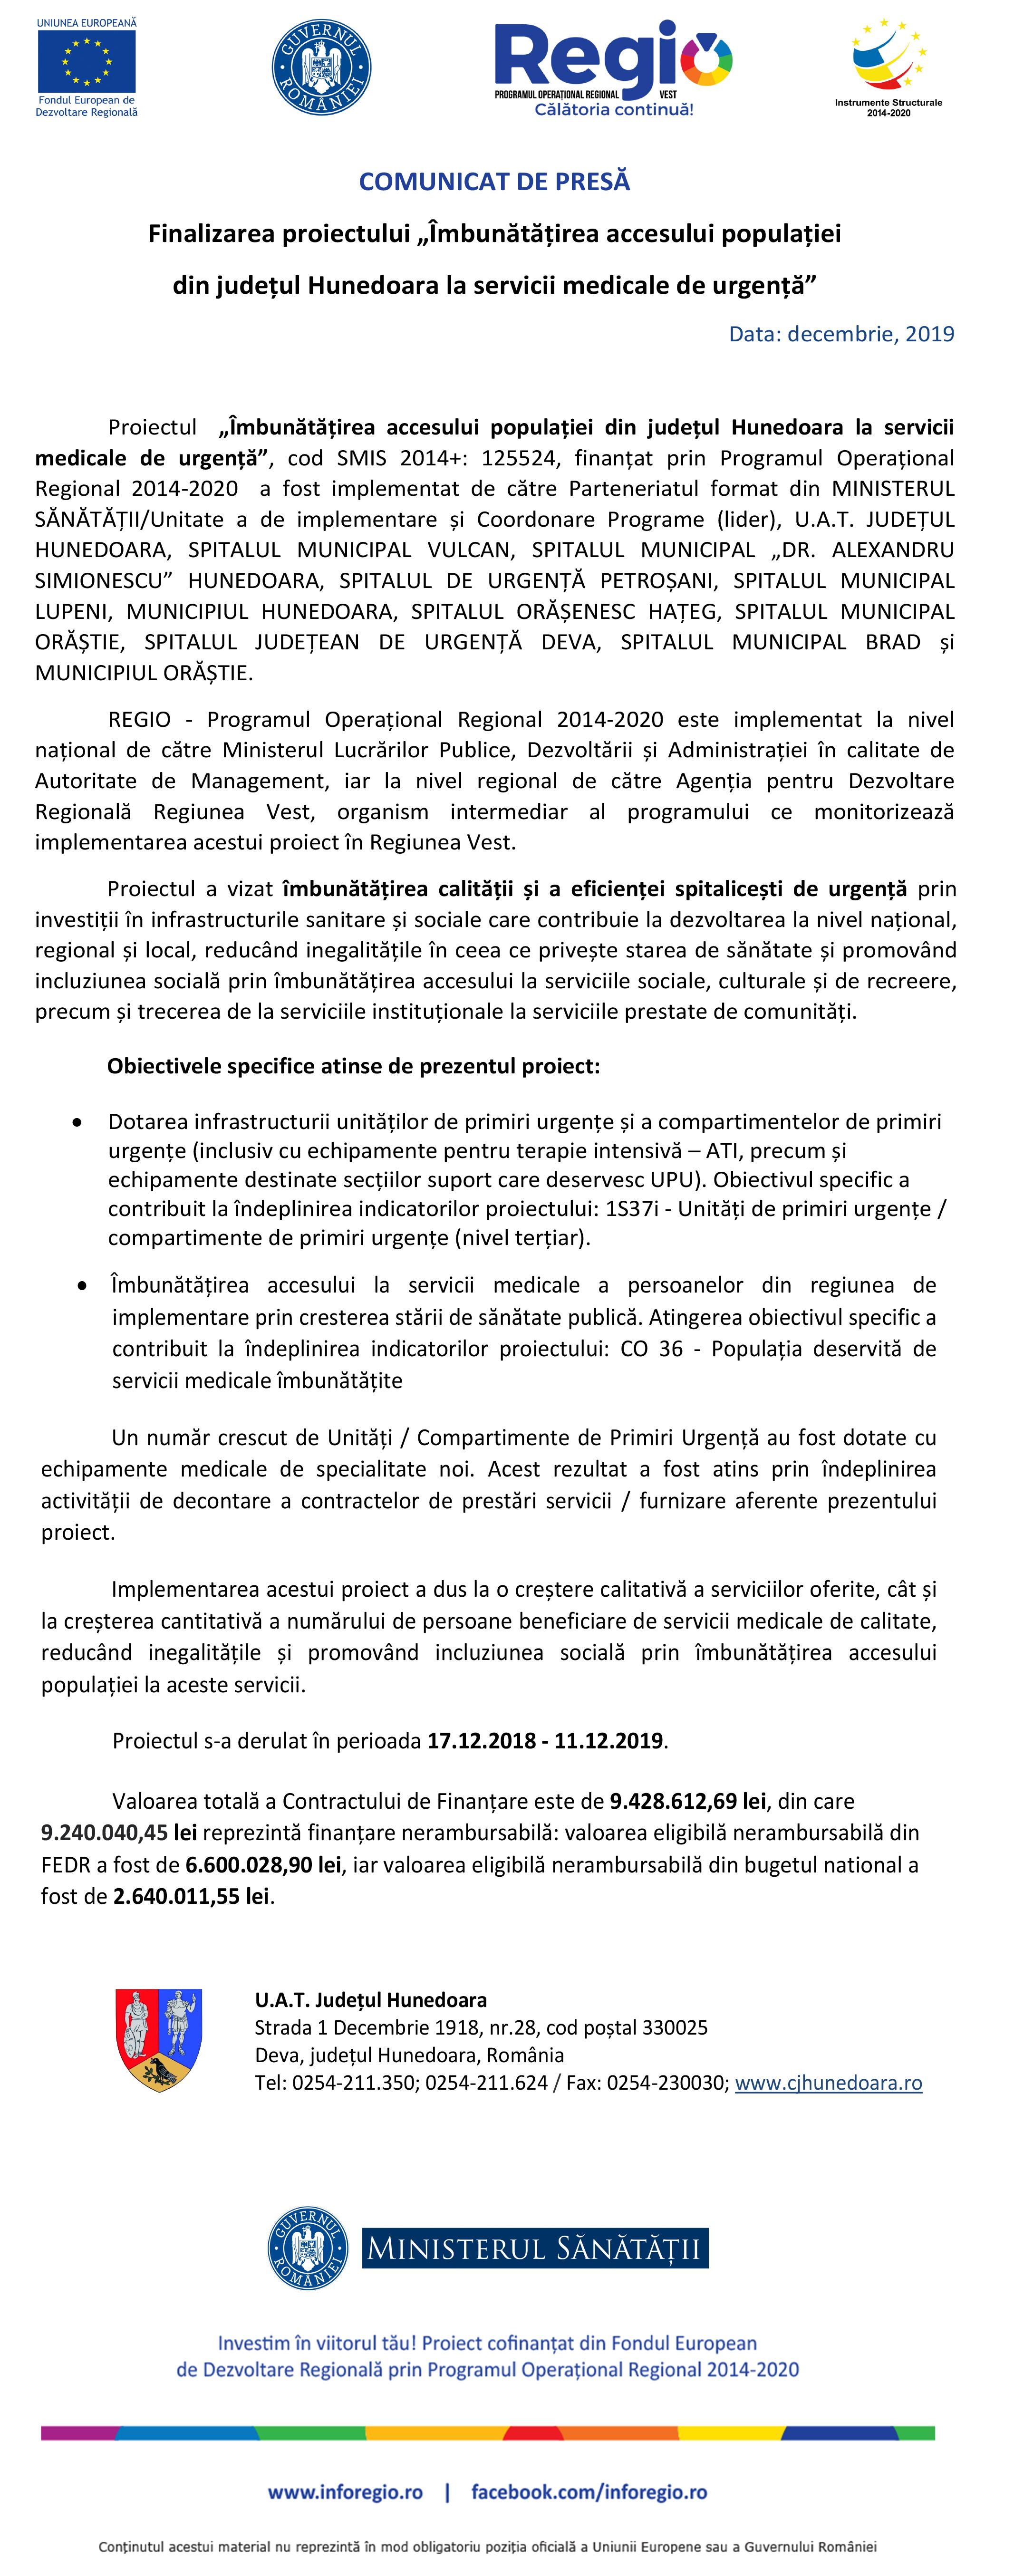 """COMUNICAT DE PRESĂ: Finalizarea proiectului """"Îmbunătățirea accesului populației din județul Hunedoara la servicii medicale de urgență"""""""